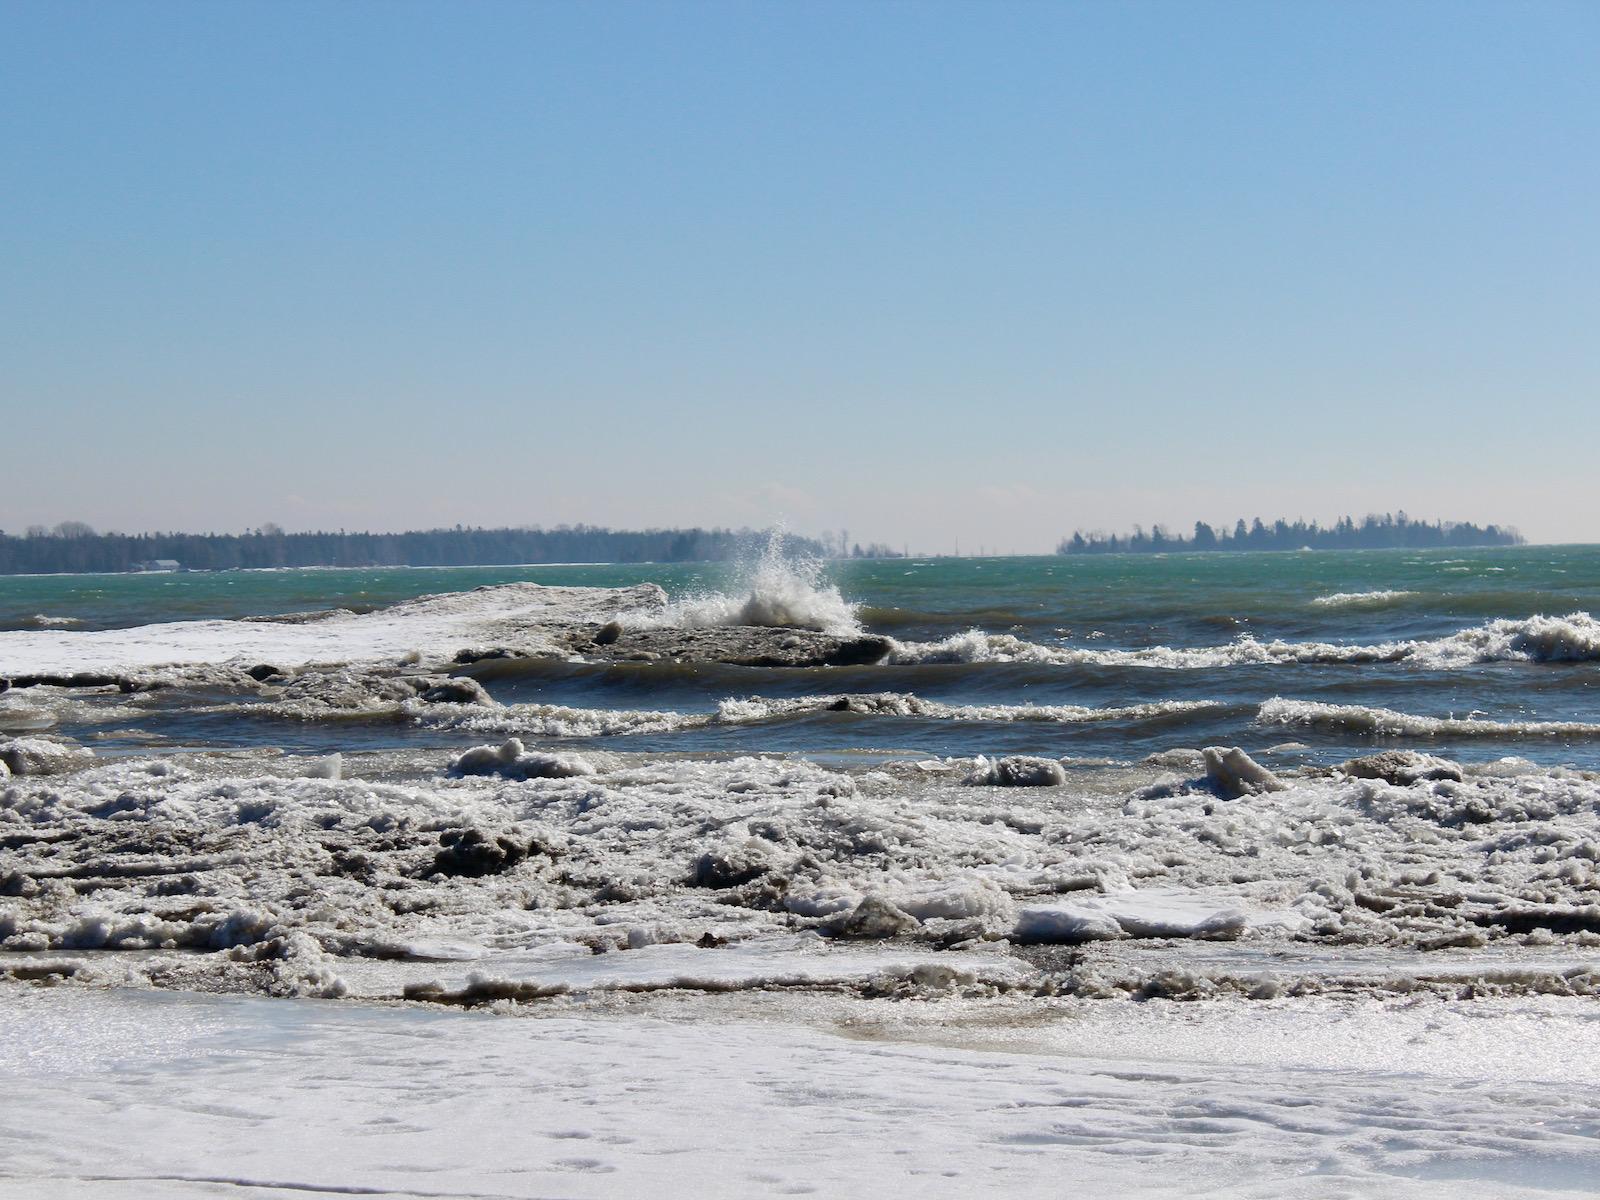 Waves on Lake Michigan